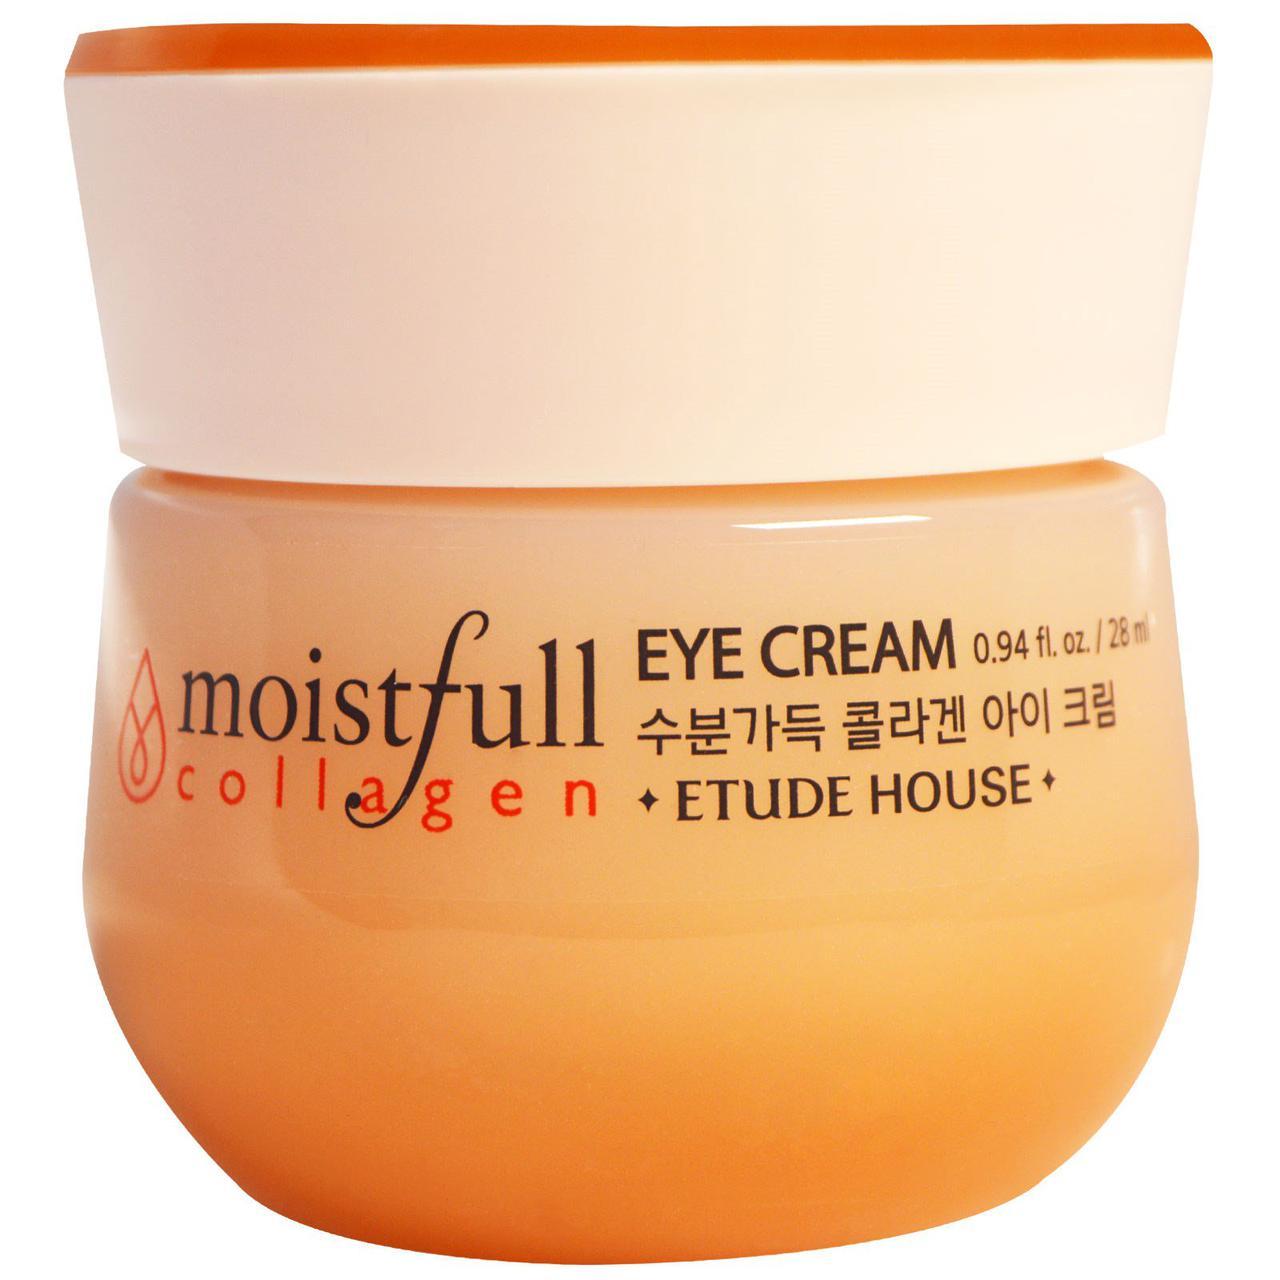 Крем для кожи вокруг глаз с коллагеном ETUDE HOUSE Moistfull Collagen Eye Cream